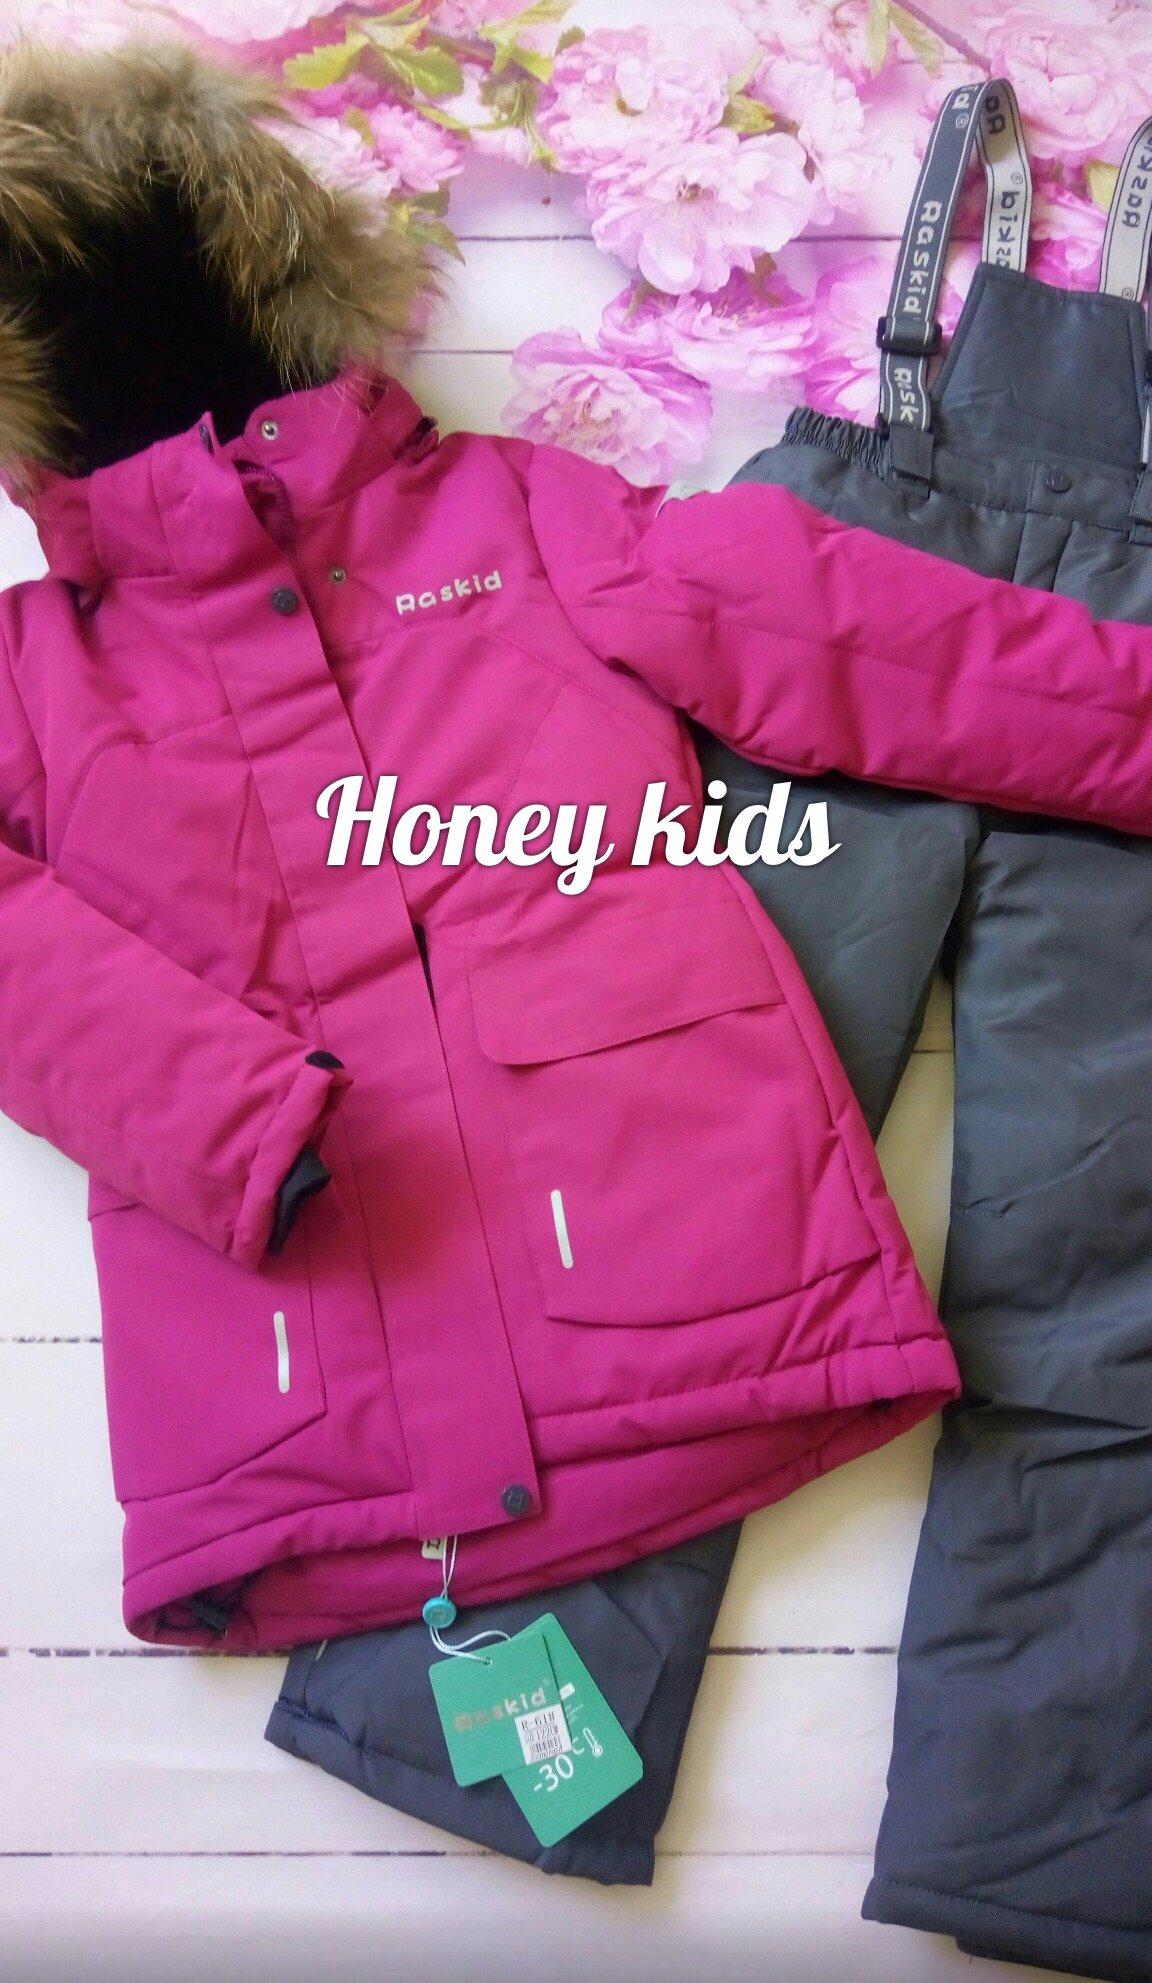 купить зимнюю мембранную детскую одежду в Самаре с доставкой по россии